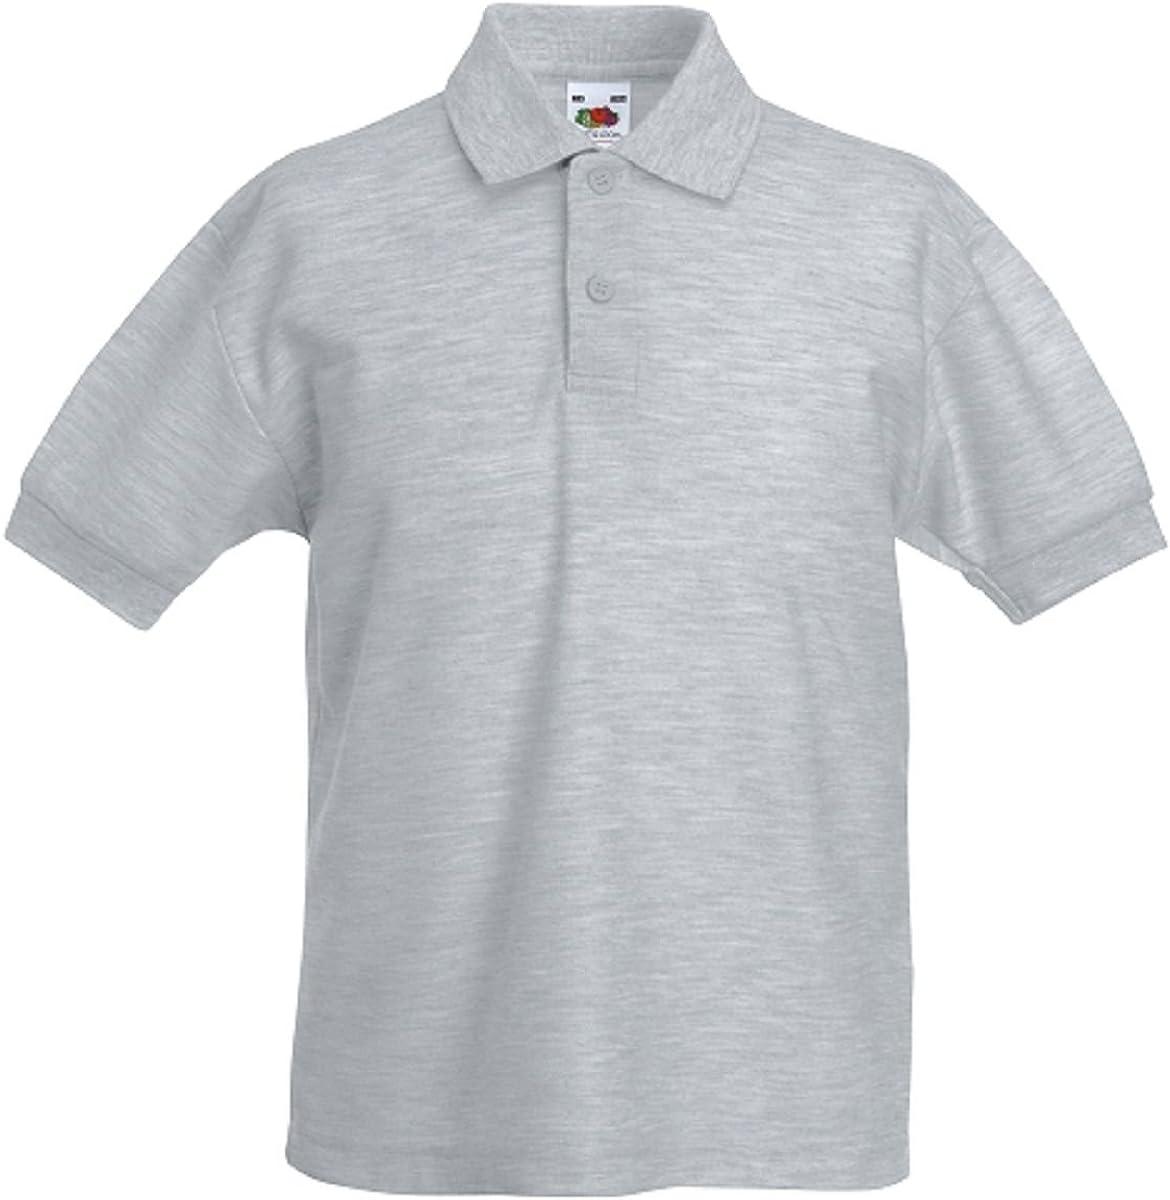 Fruit of the Loom Pique Polo - Camiseta para niño 3 Pack Heather Grey 9-11 Años: Amazon.es: Ropa y accesorios